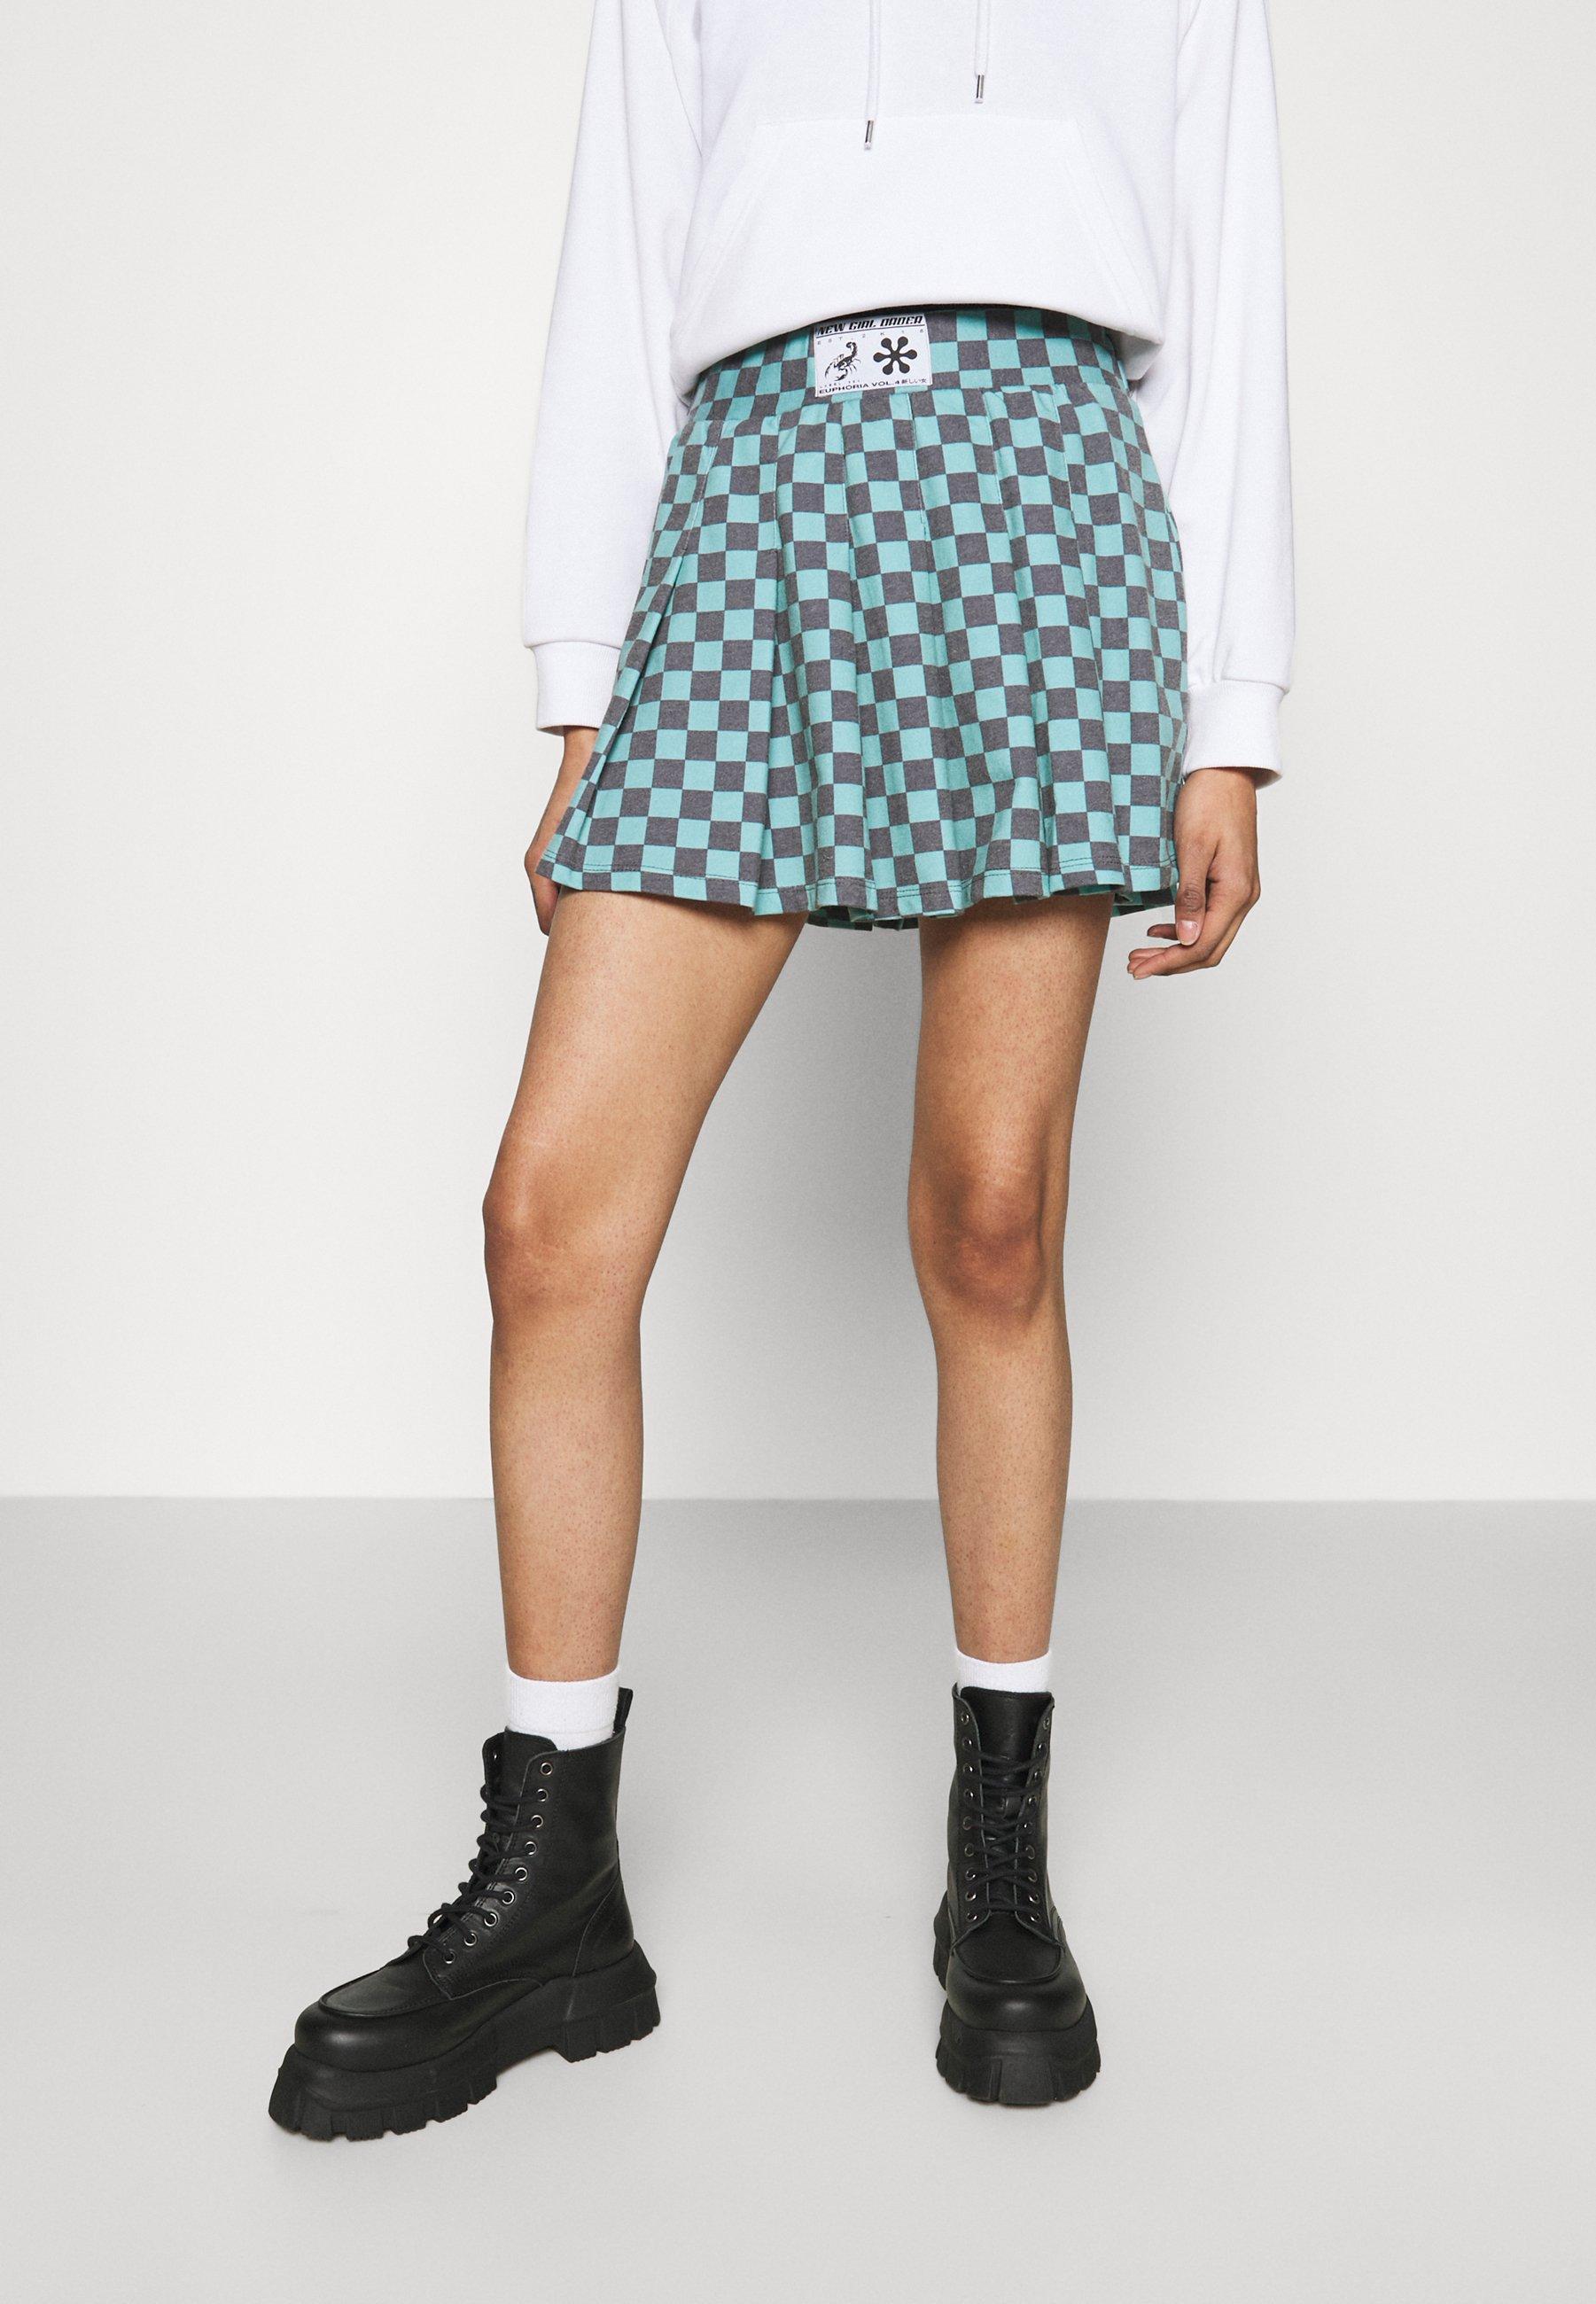 Femme CHECKERBOARD SKIRT - Jupe plissée